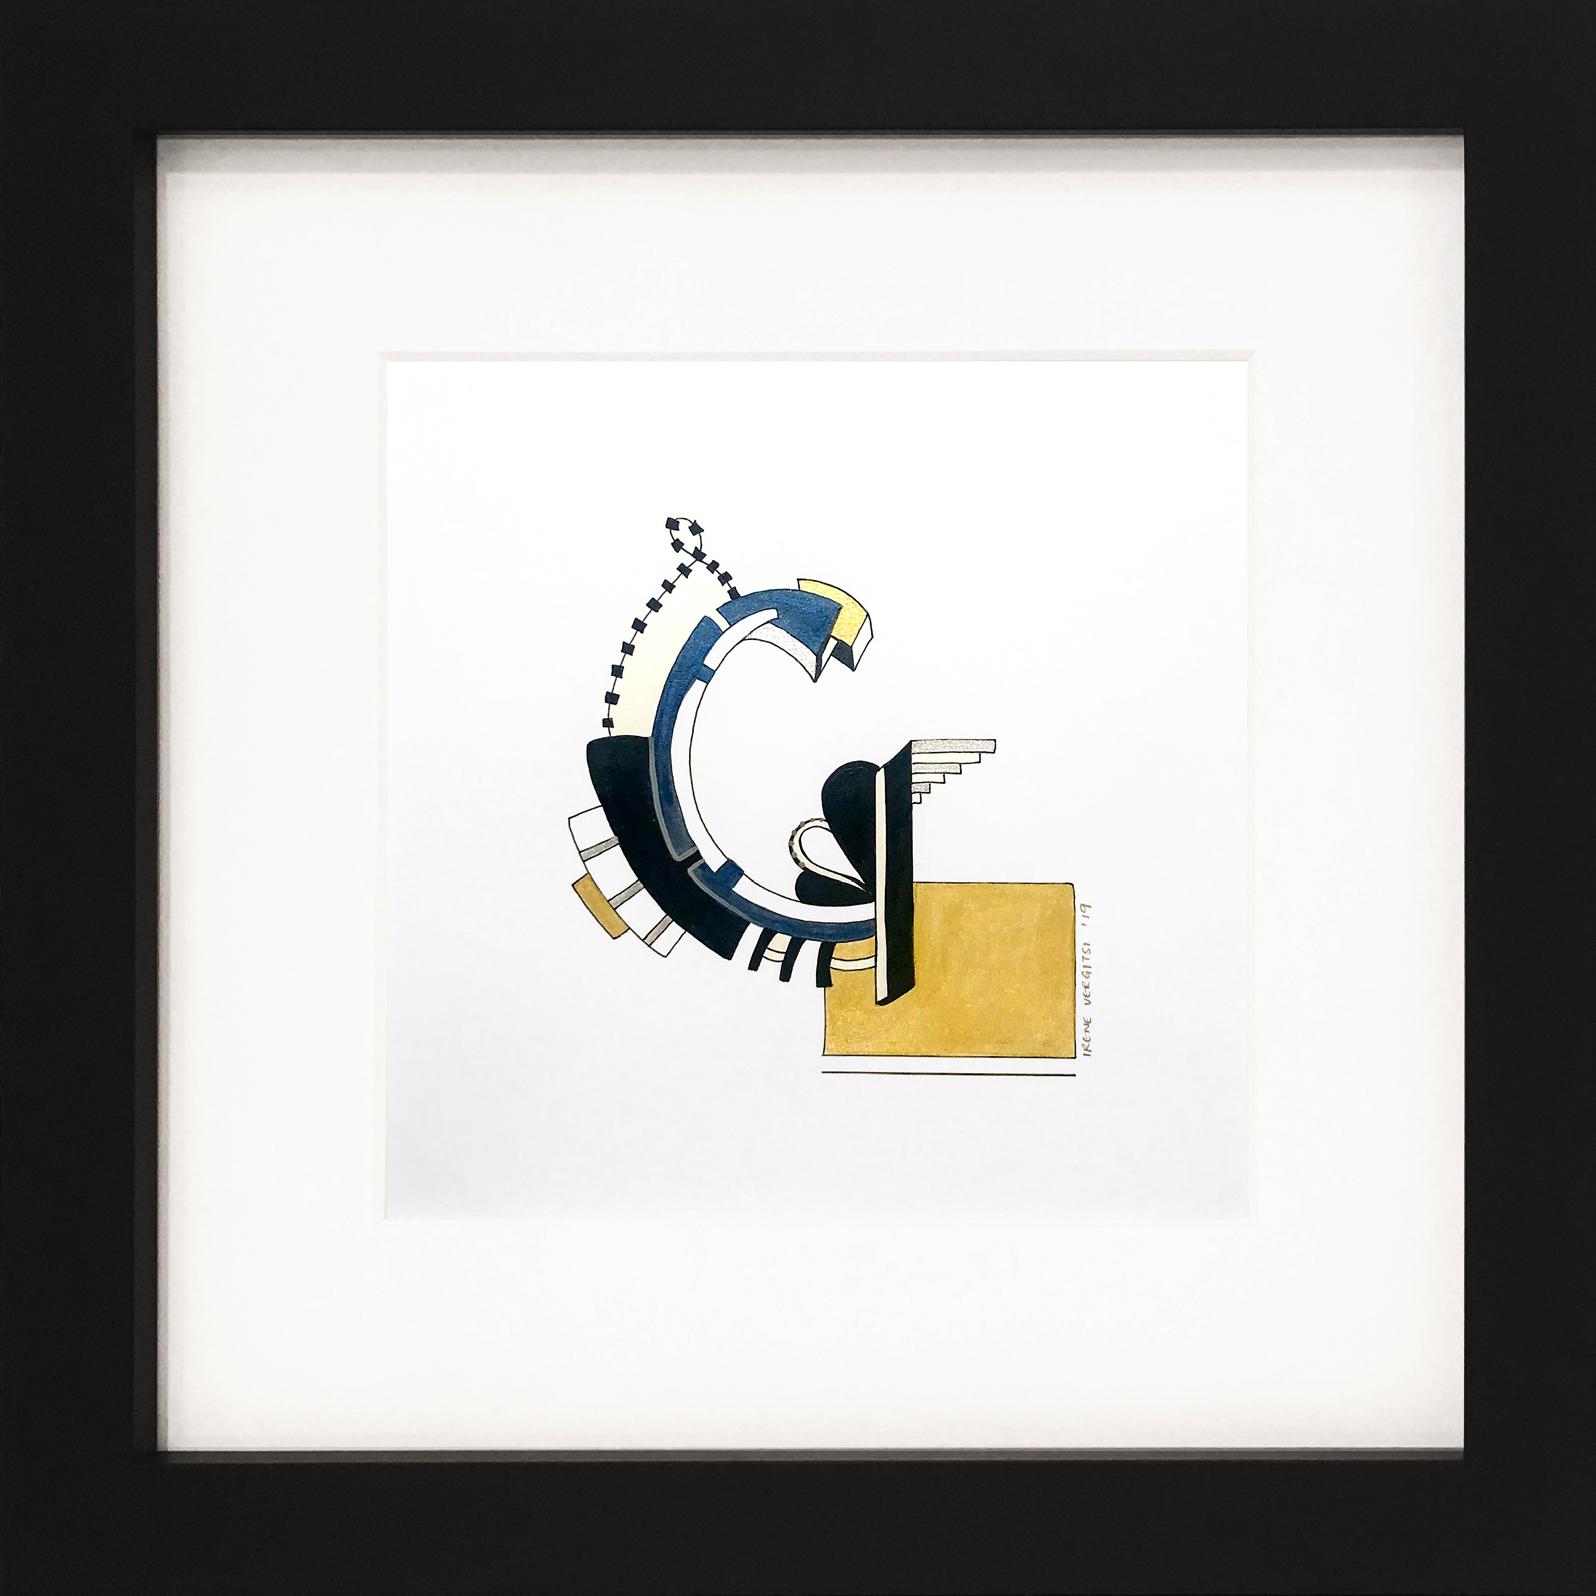 .G_1 in frame